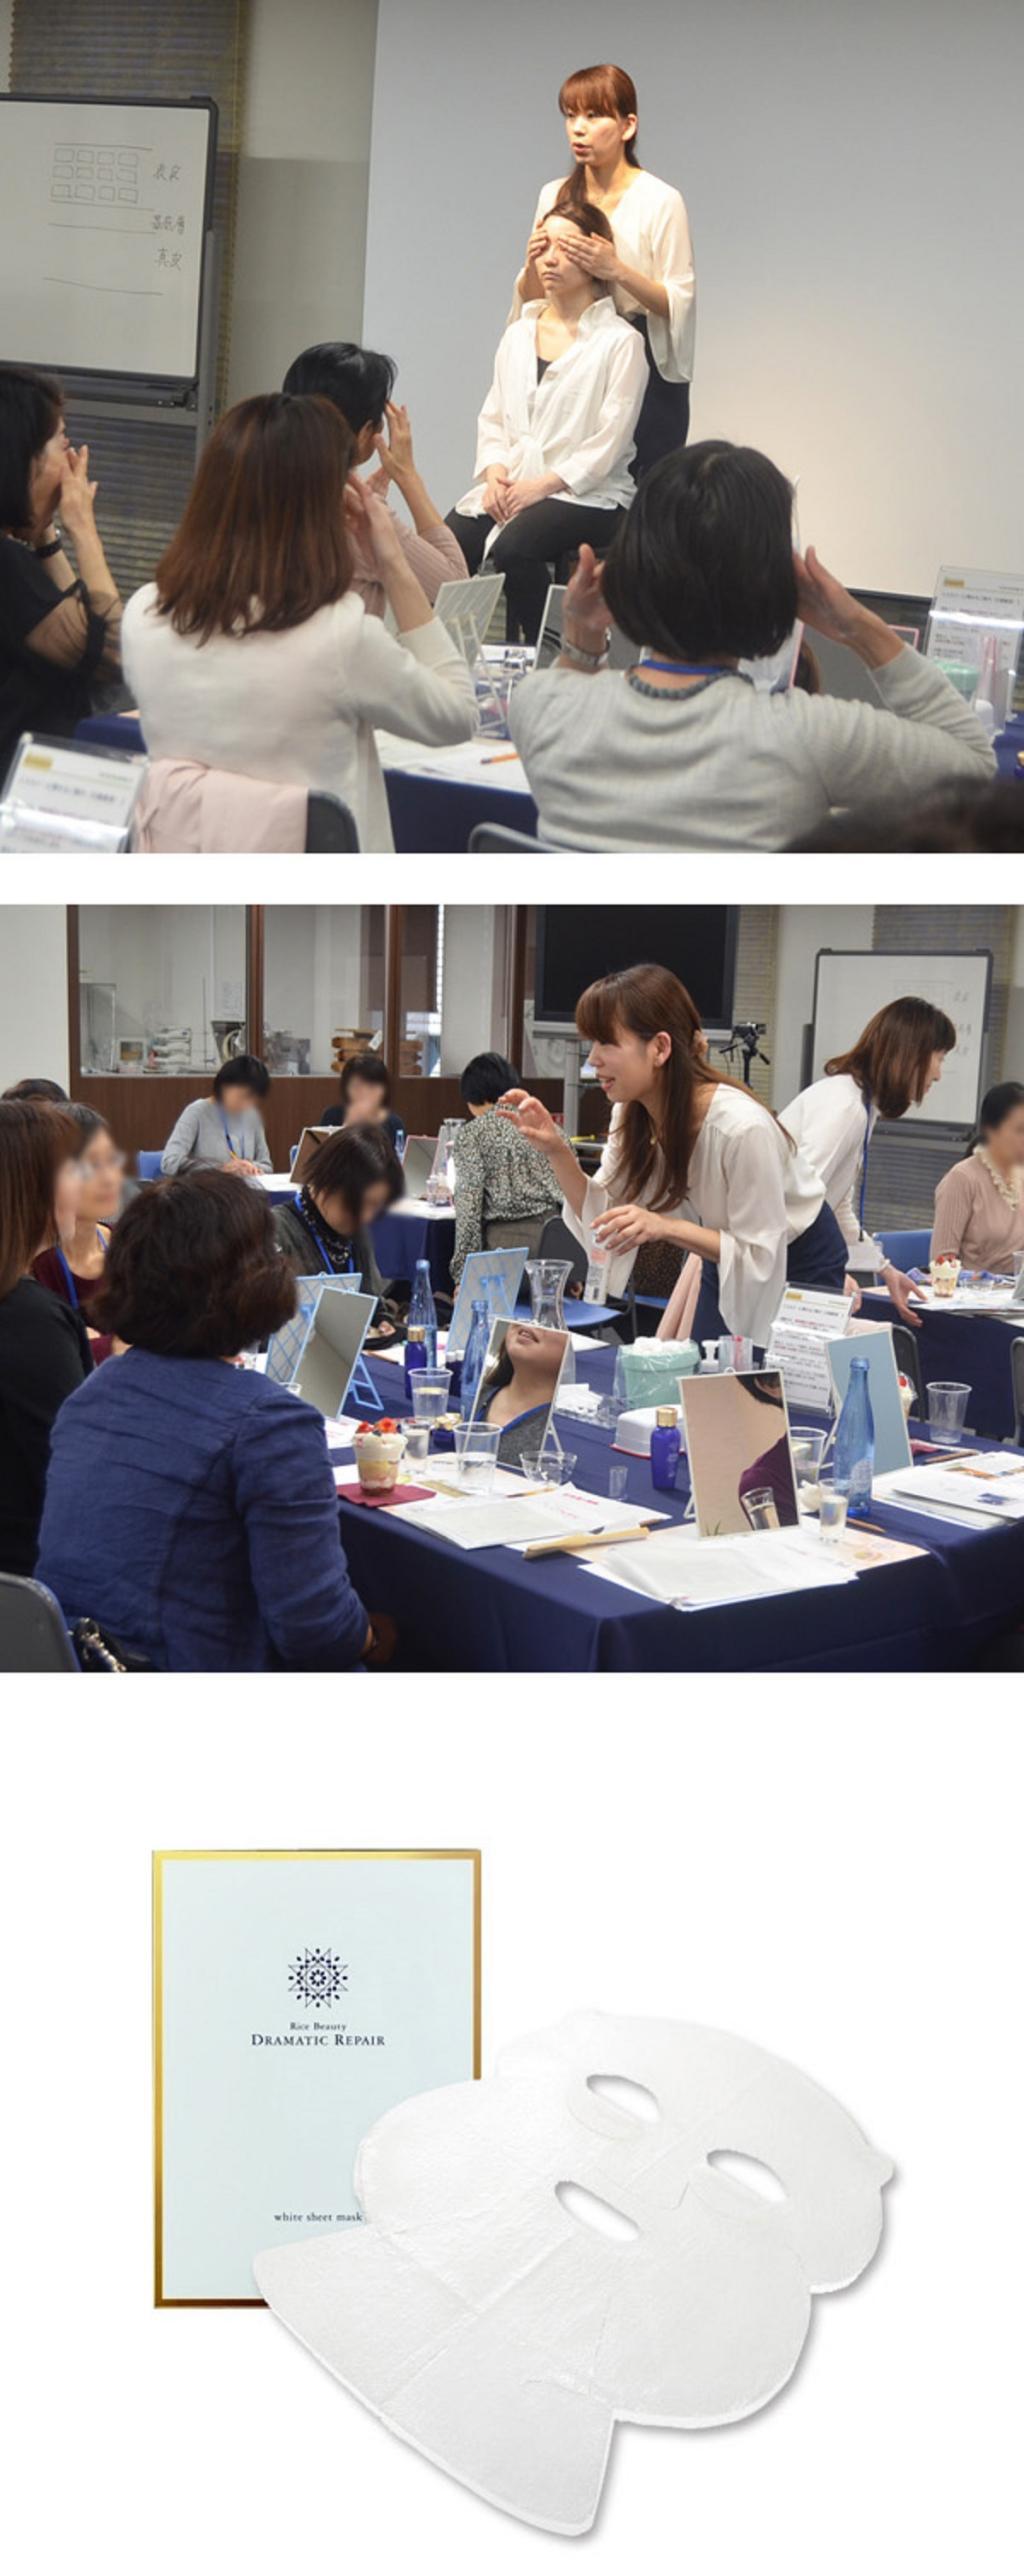 从4月中旬到4月下旬召开研讨会的介绍~白鹤银座样式~